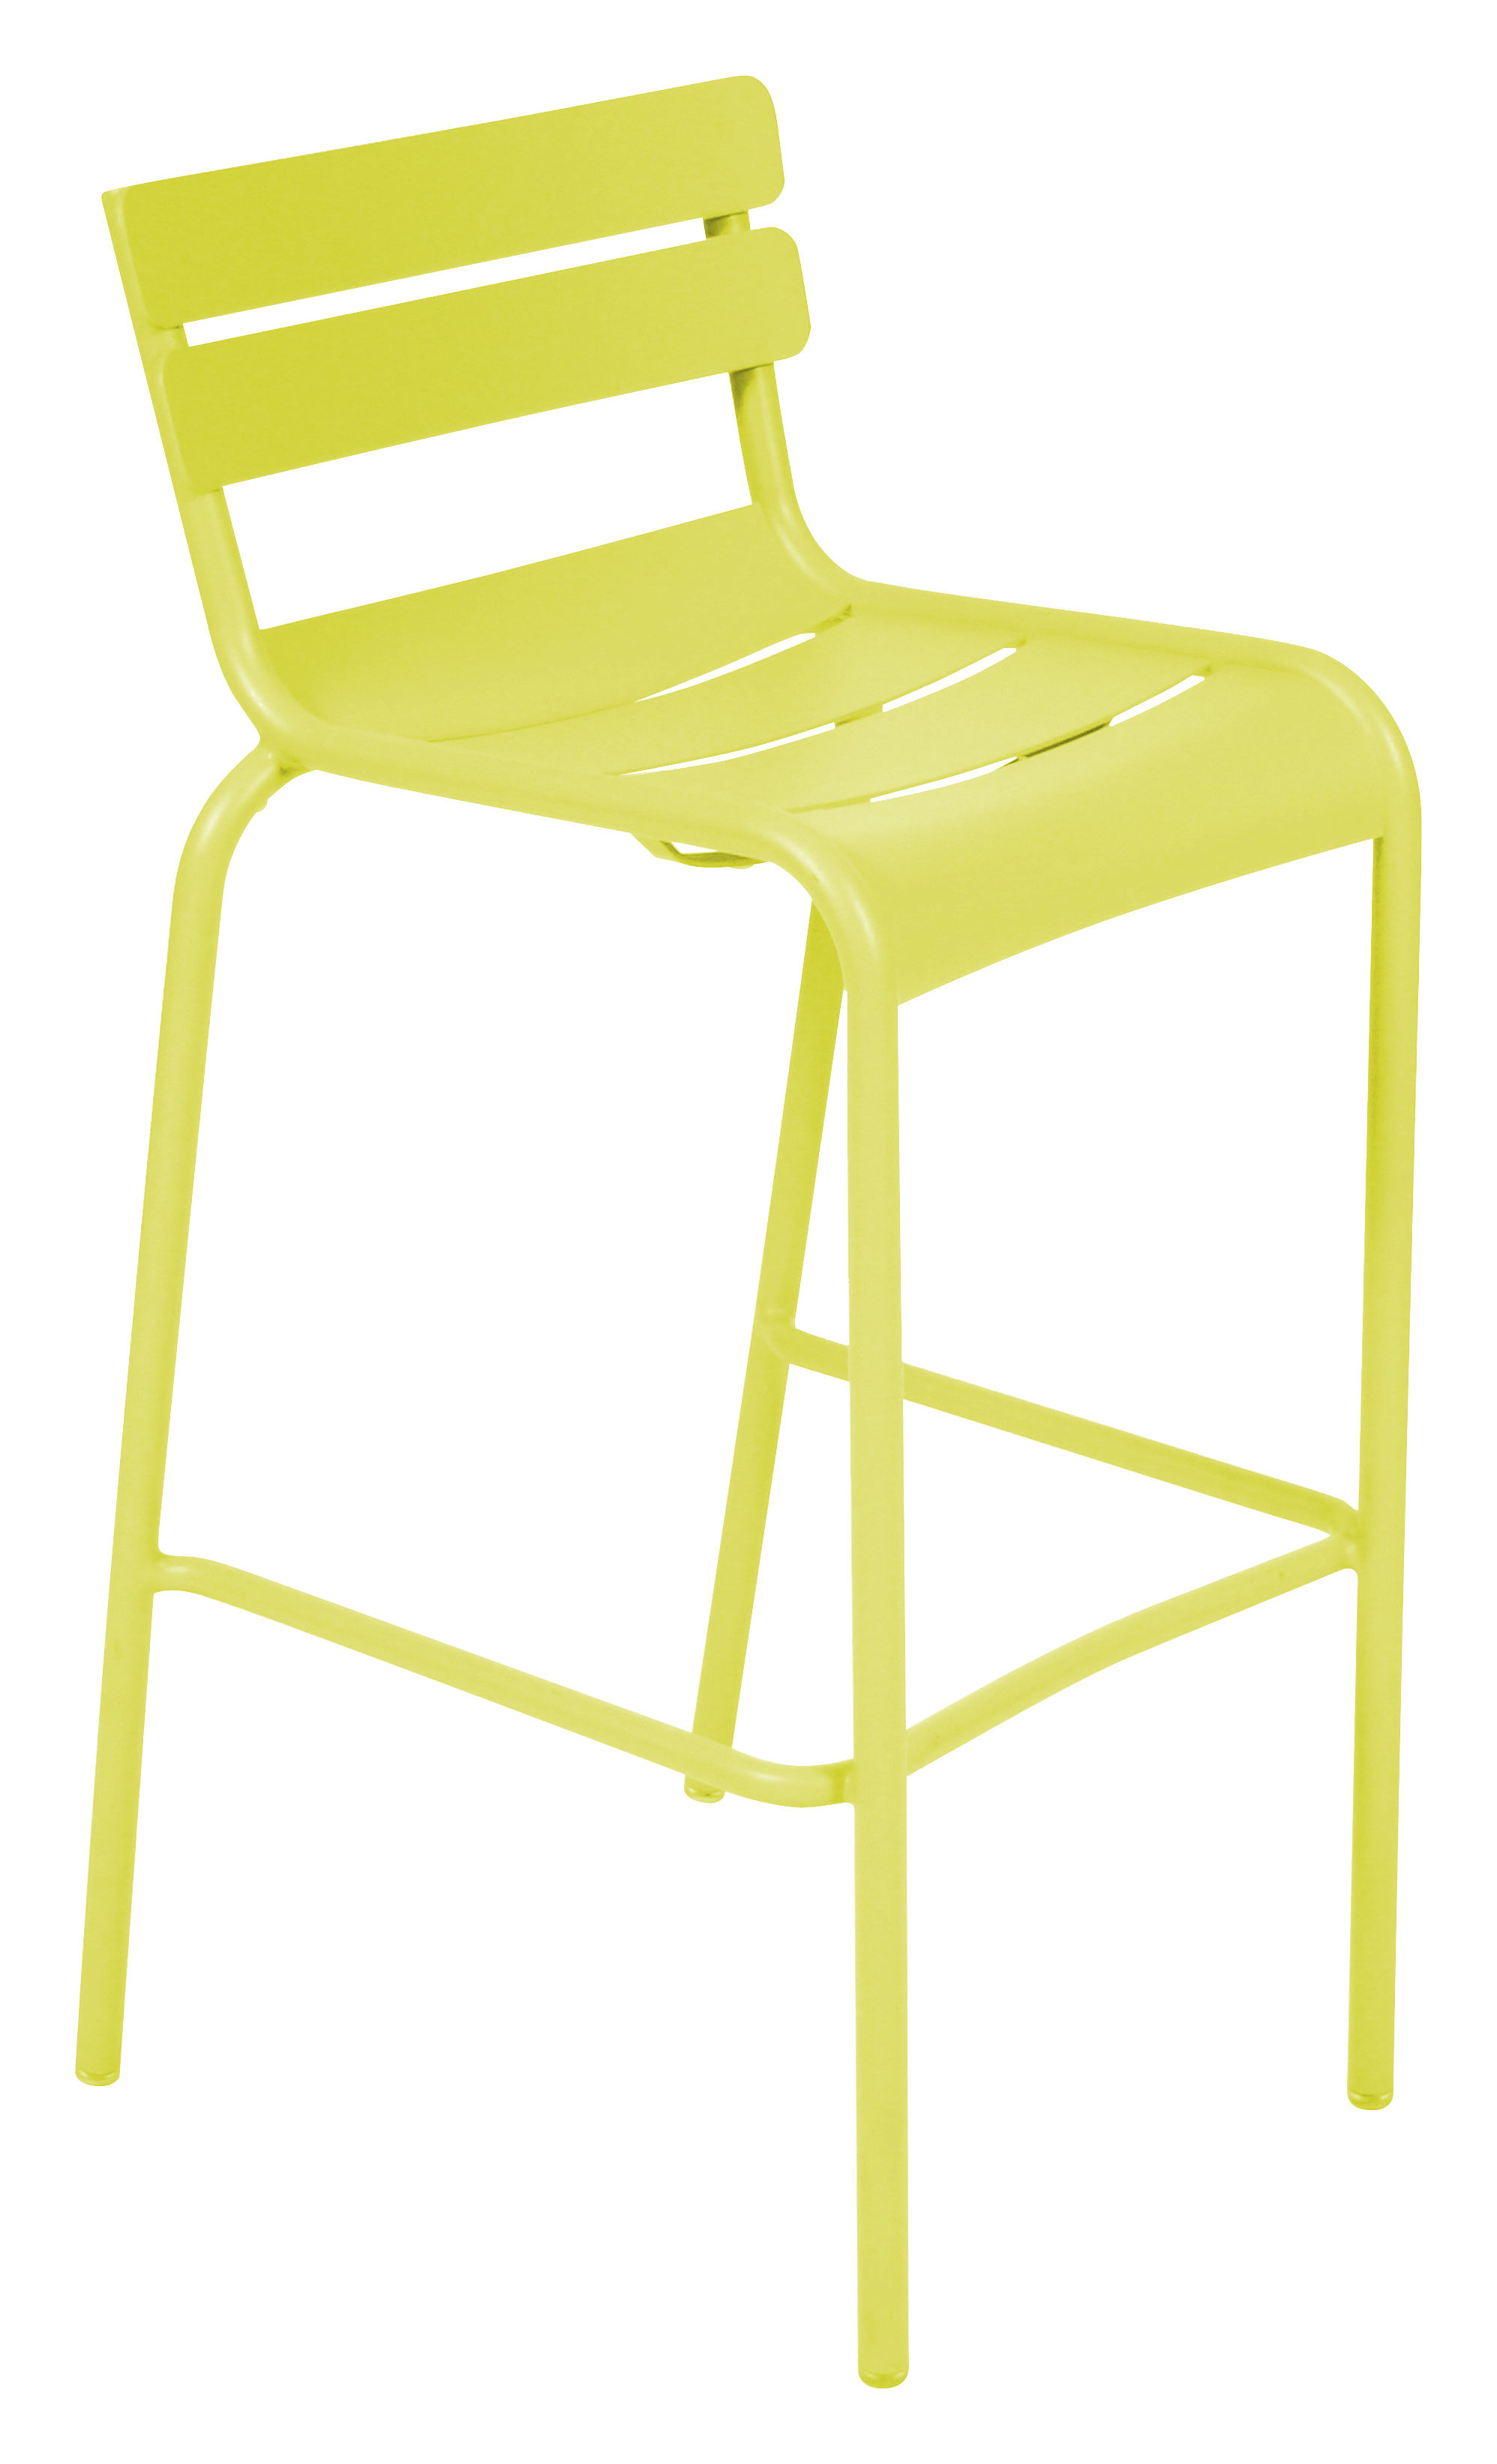 Life Style - Sedia da bar Luxembourg - / seduta A 80 cm di Fermob - Verbena - Alluminio laccato